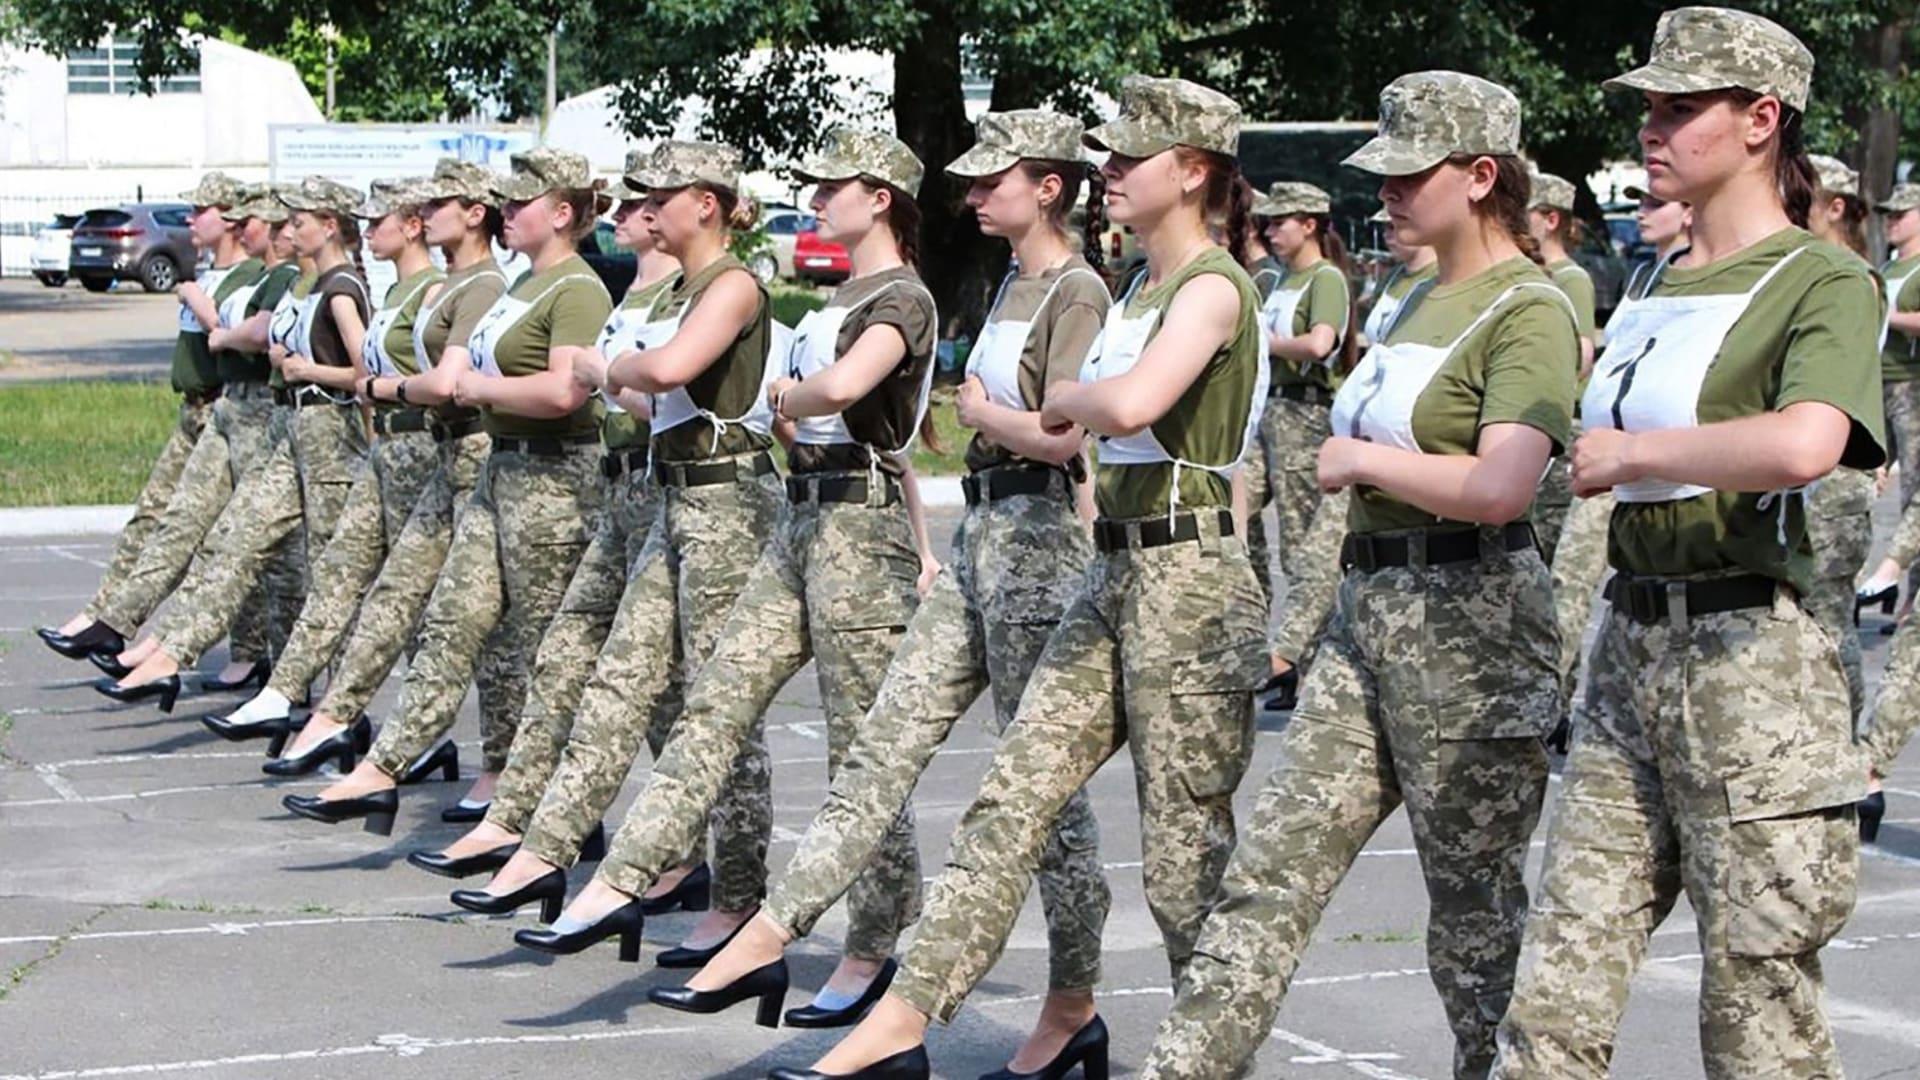 مذيعة CNN: مطالبة أوكرانيا المجندات بارتداء الكعب العالي هو تمييز على أساس الجنس